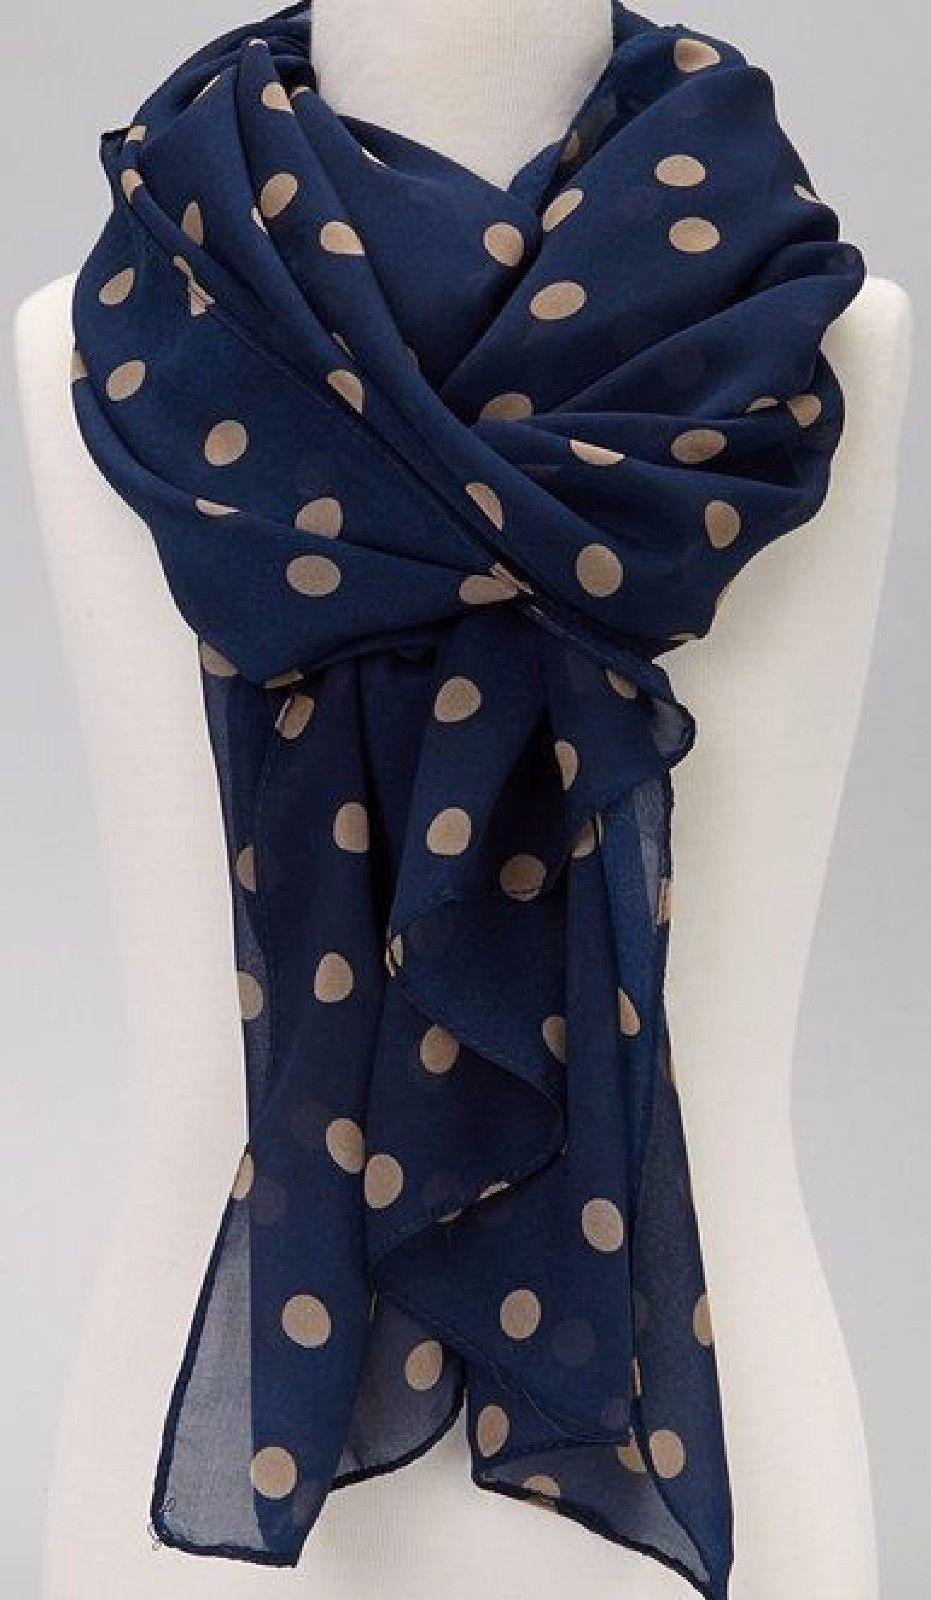 8b48f2cc345 $6.49 - Wear Freedom Blue Scarf With Tan Polka Dot Scarves Shawl ...